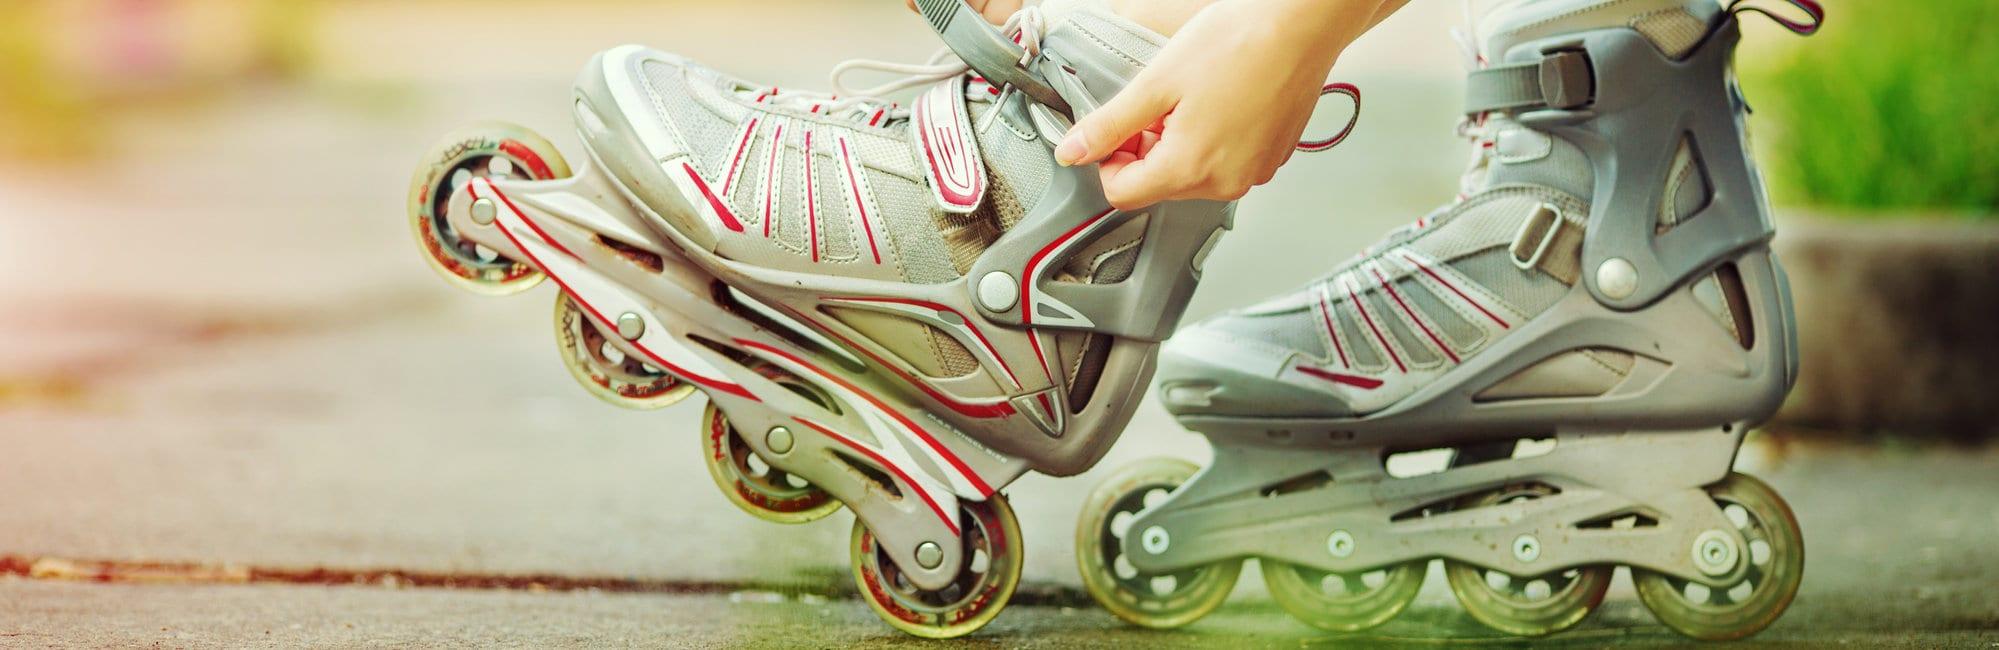 Slide-Directory-Recreation-Rentals-Rollerblades